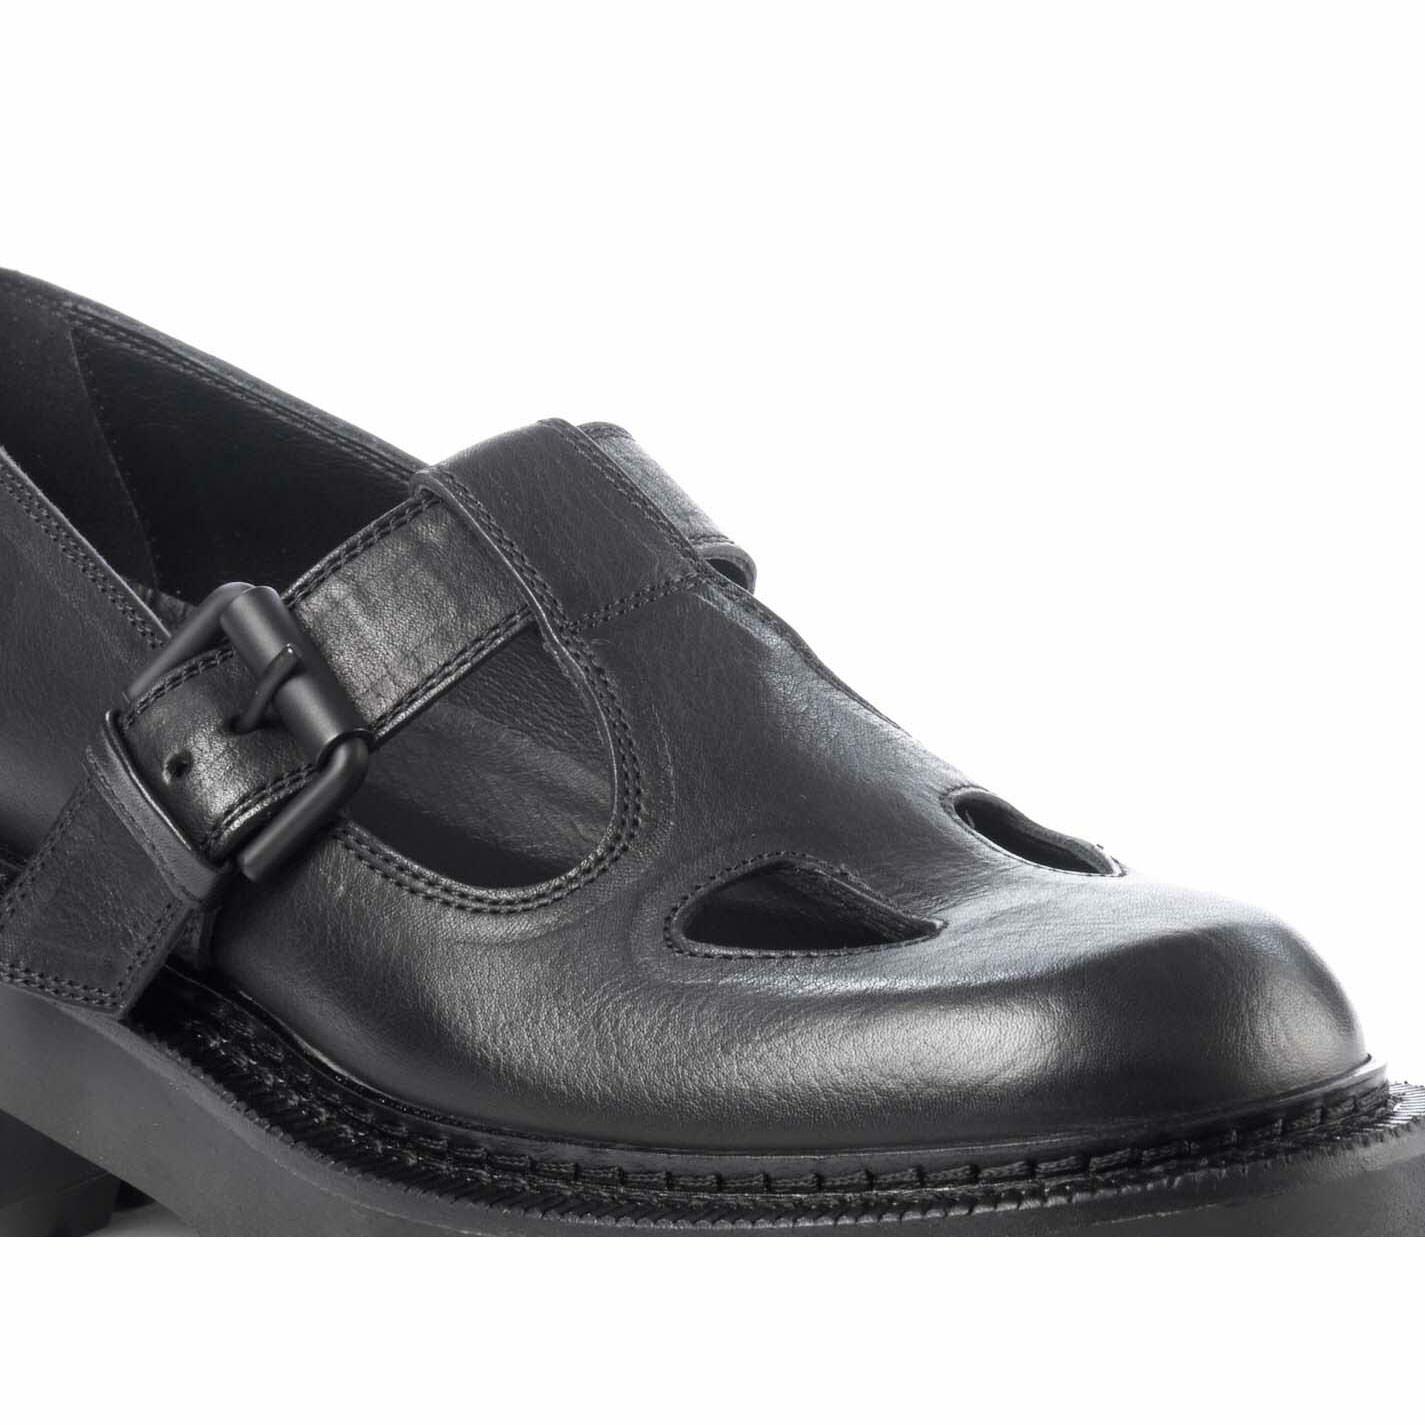 Scarpa aperta in pelle di vitello nera